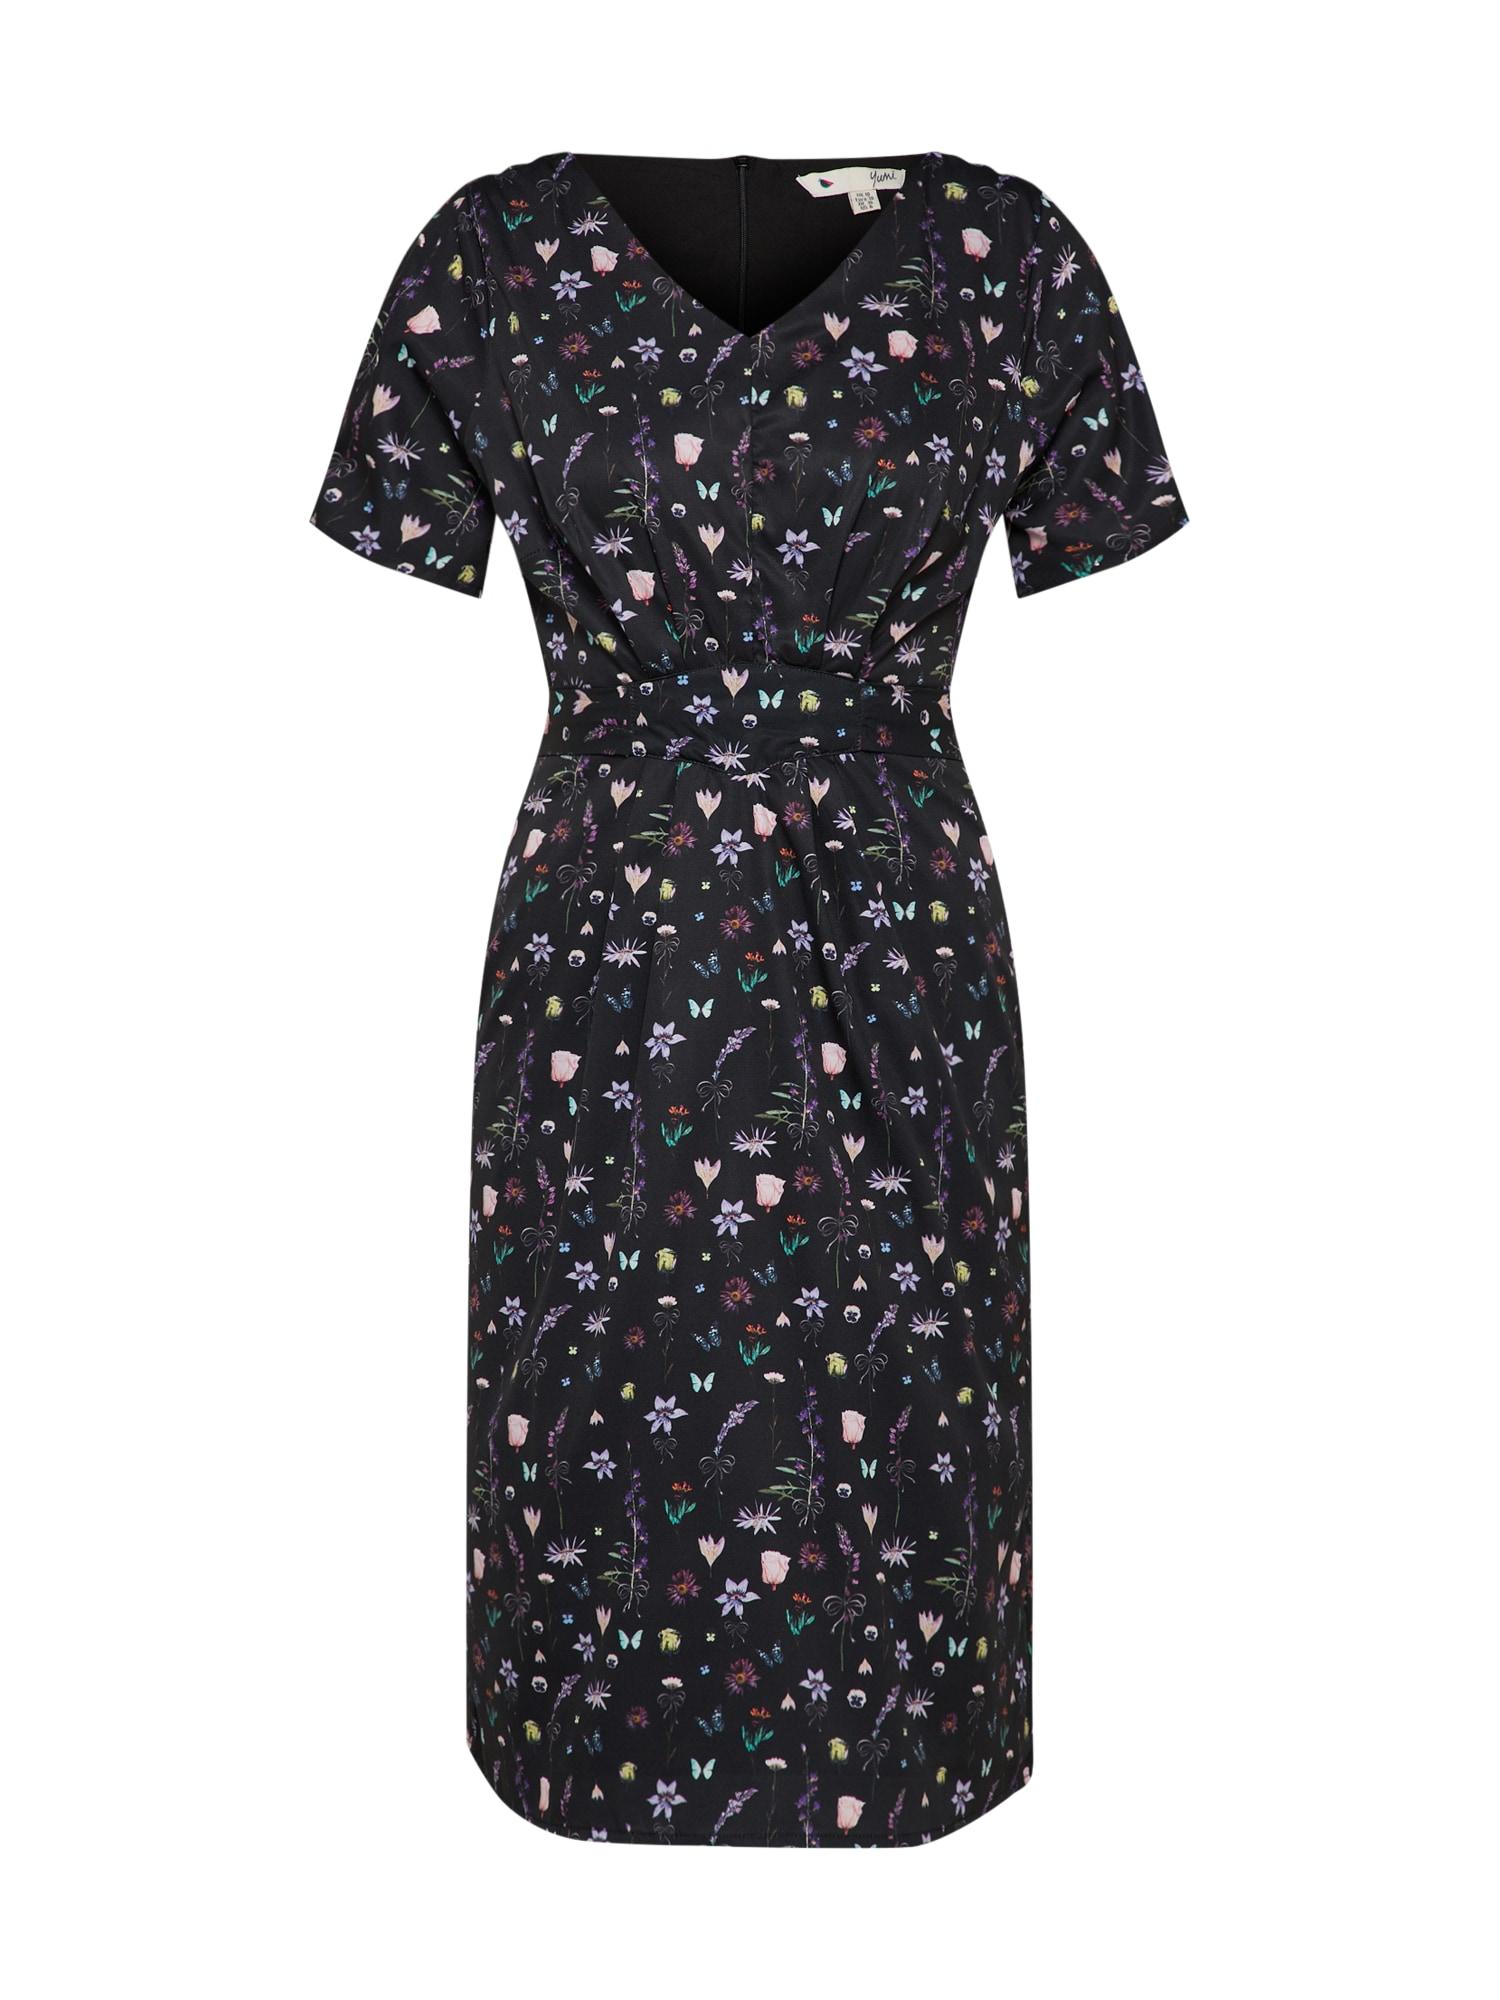 Letní šaty FRENCH BOTANICAL mix barev černá Yumi